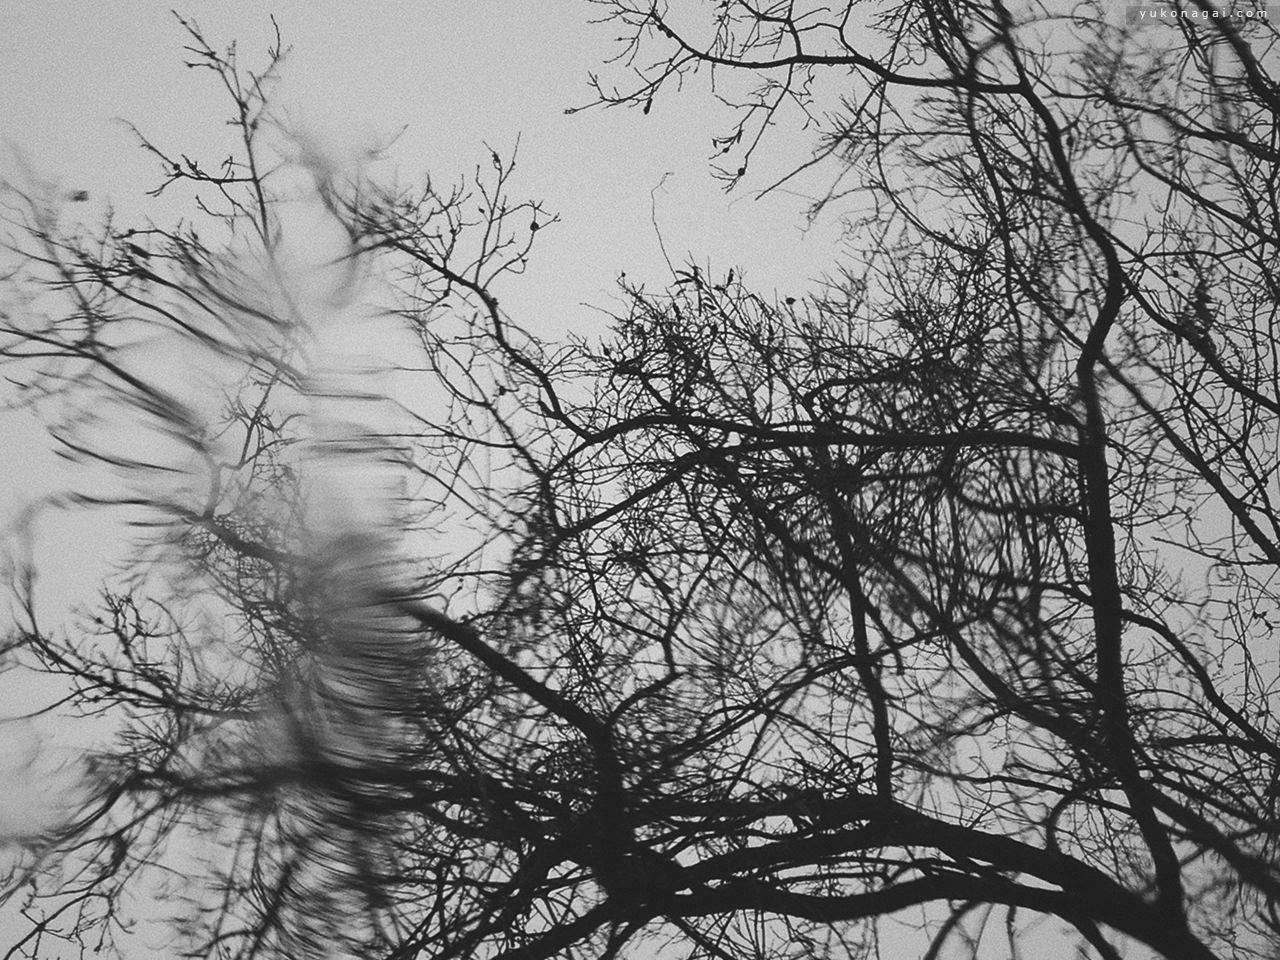 A tree in rain through a windshield.